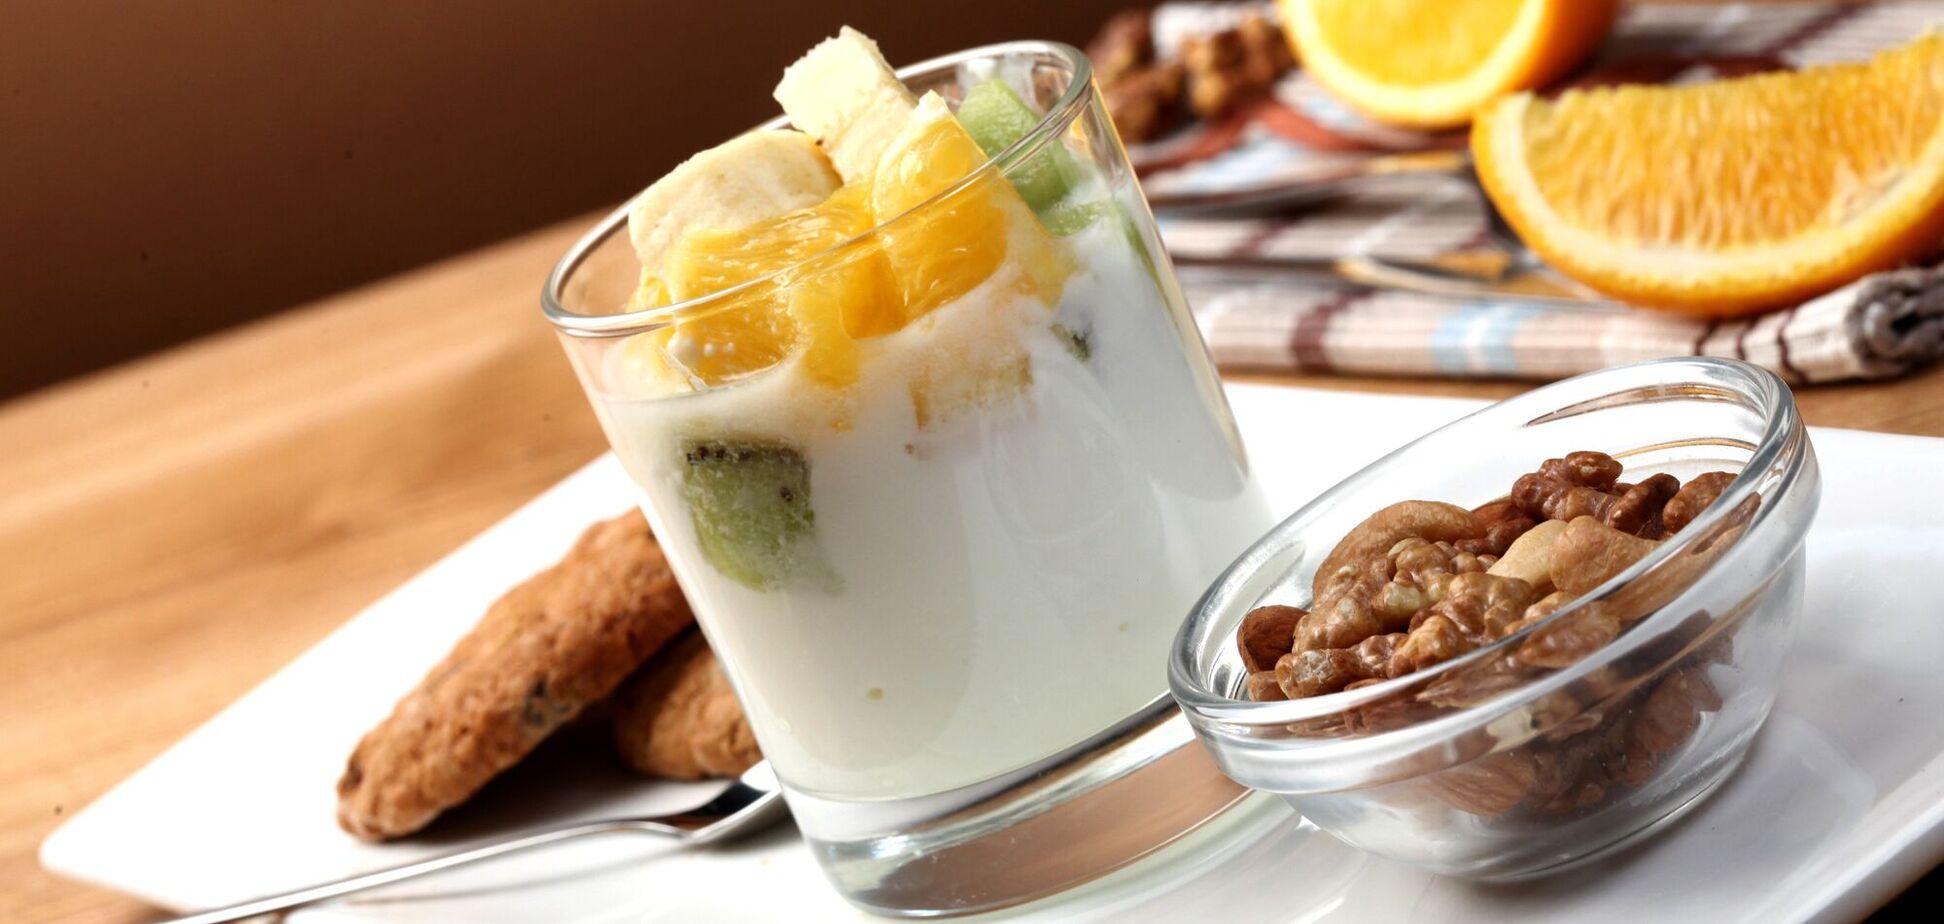 Збалансована дієта сприяє профілактиці грипу